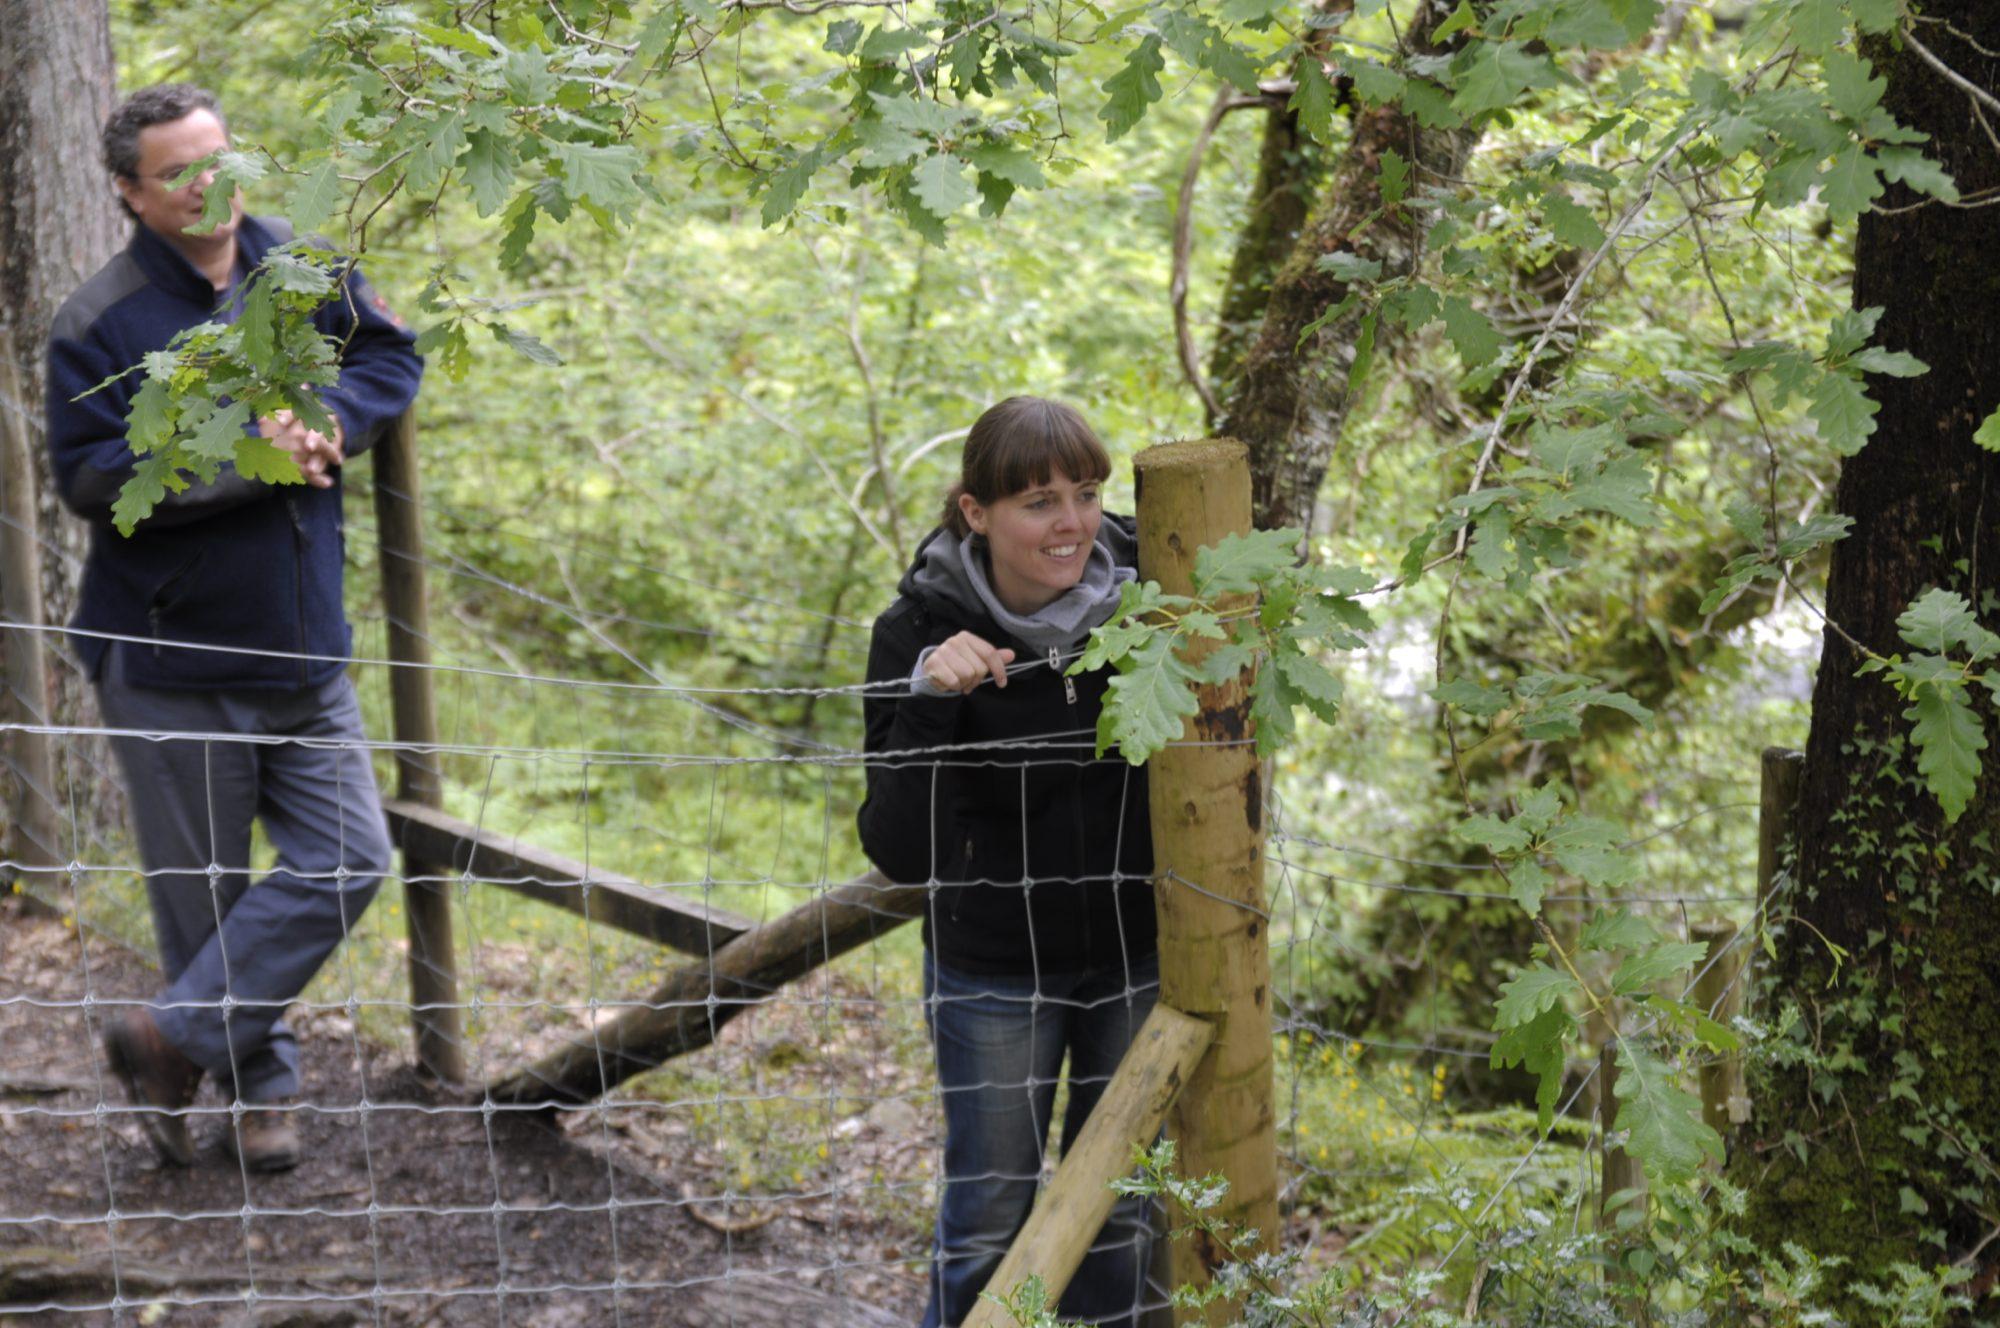 Juni 2011 – In Wales. Peter und Luisa beobachten.